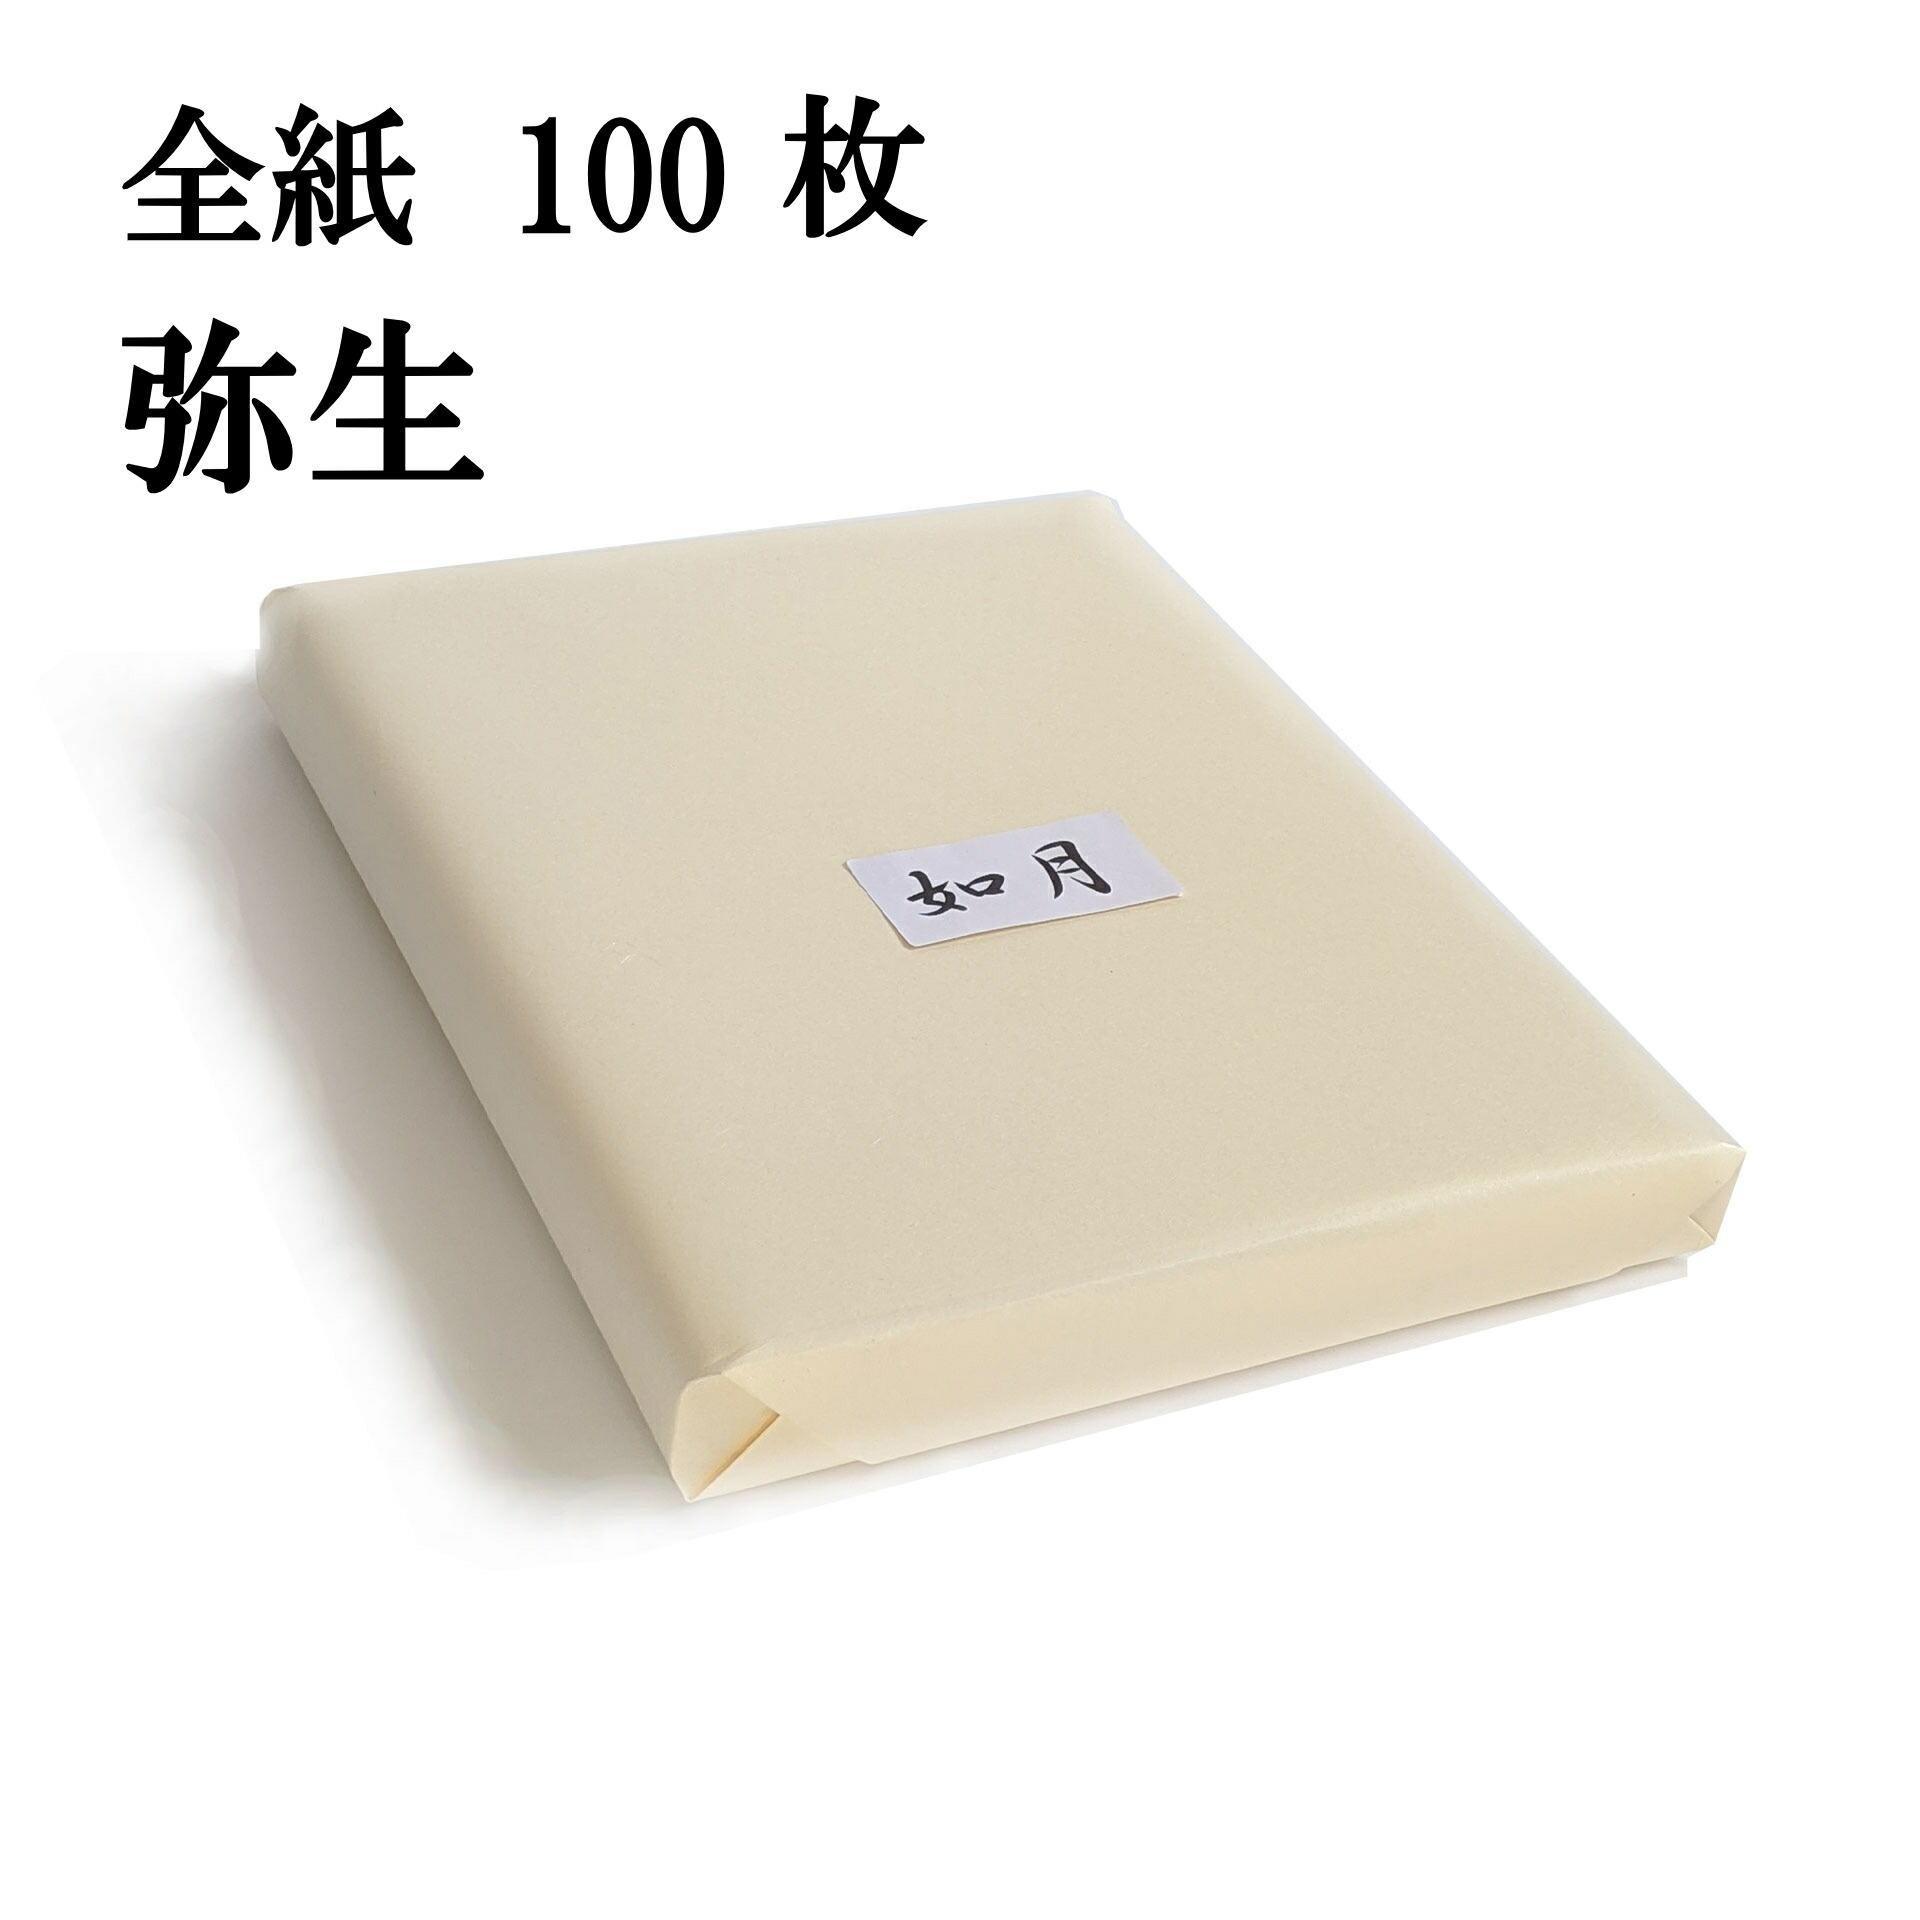 弥生画仙紙全紙100枚